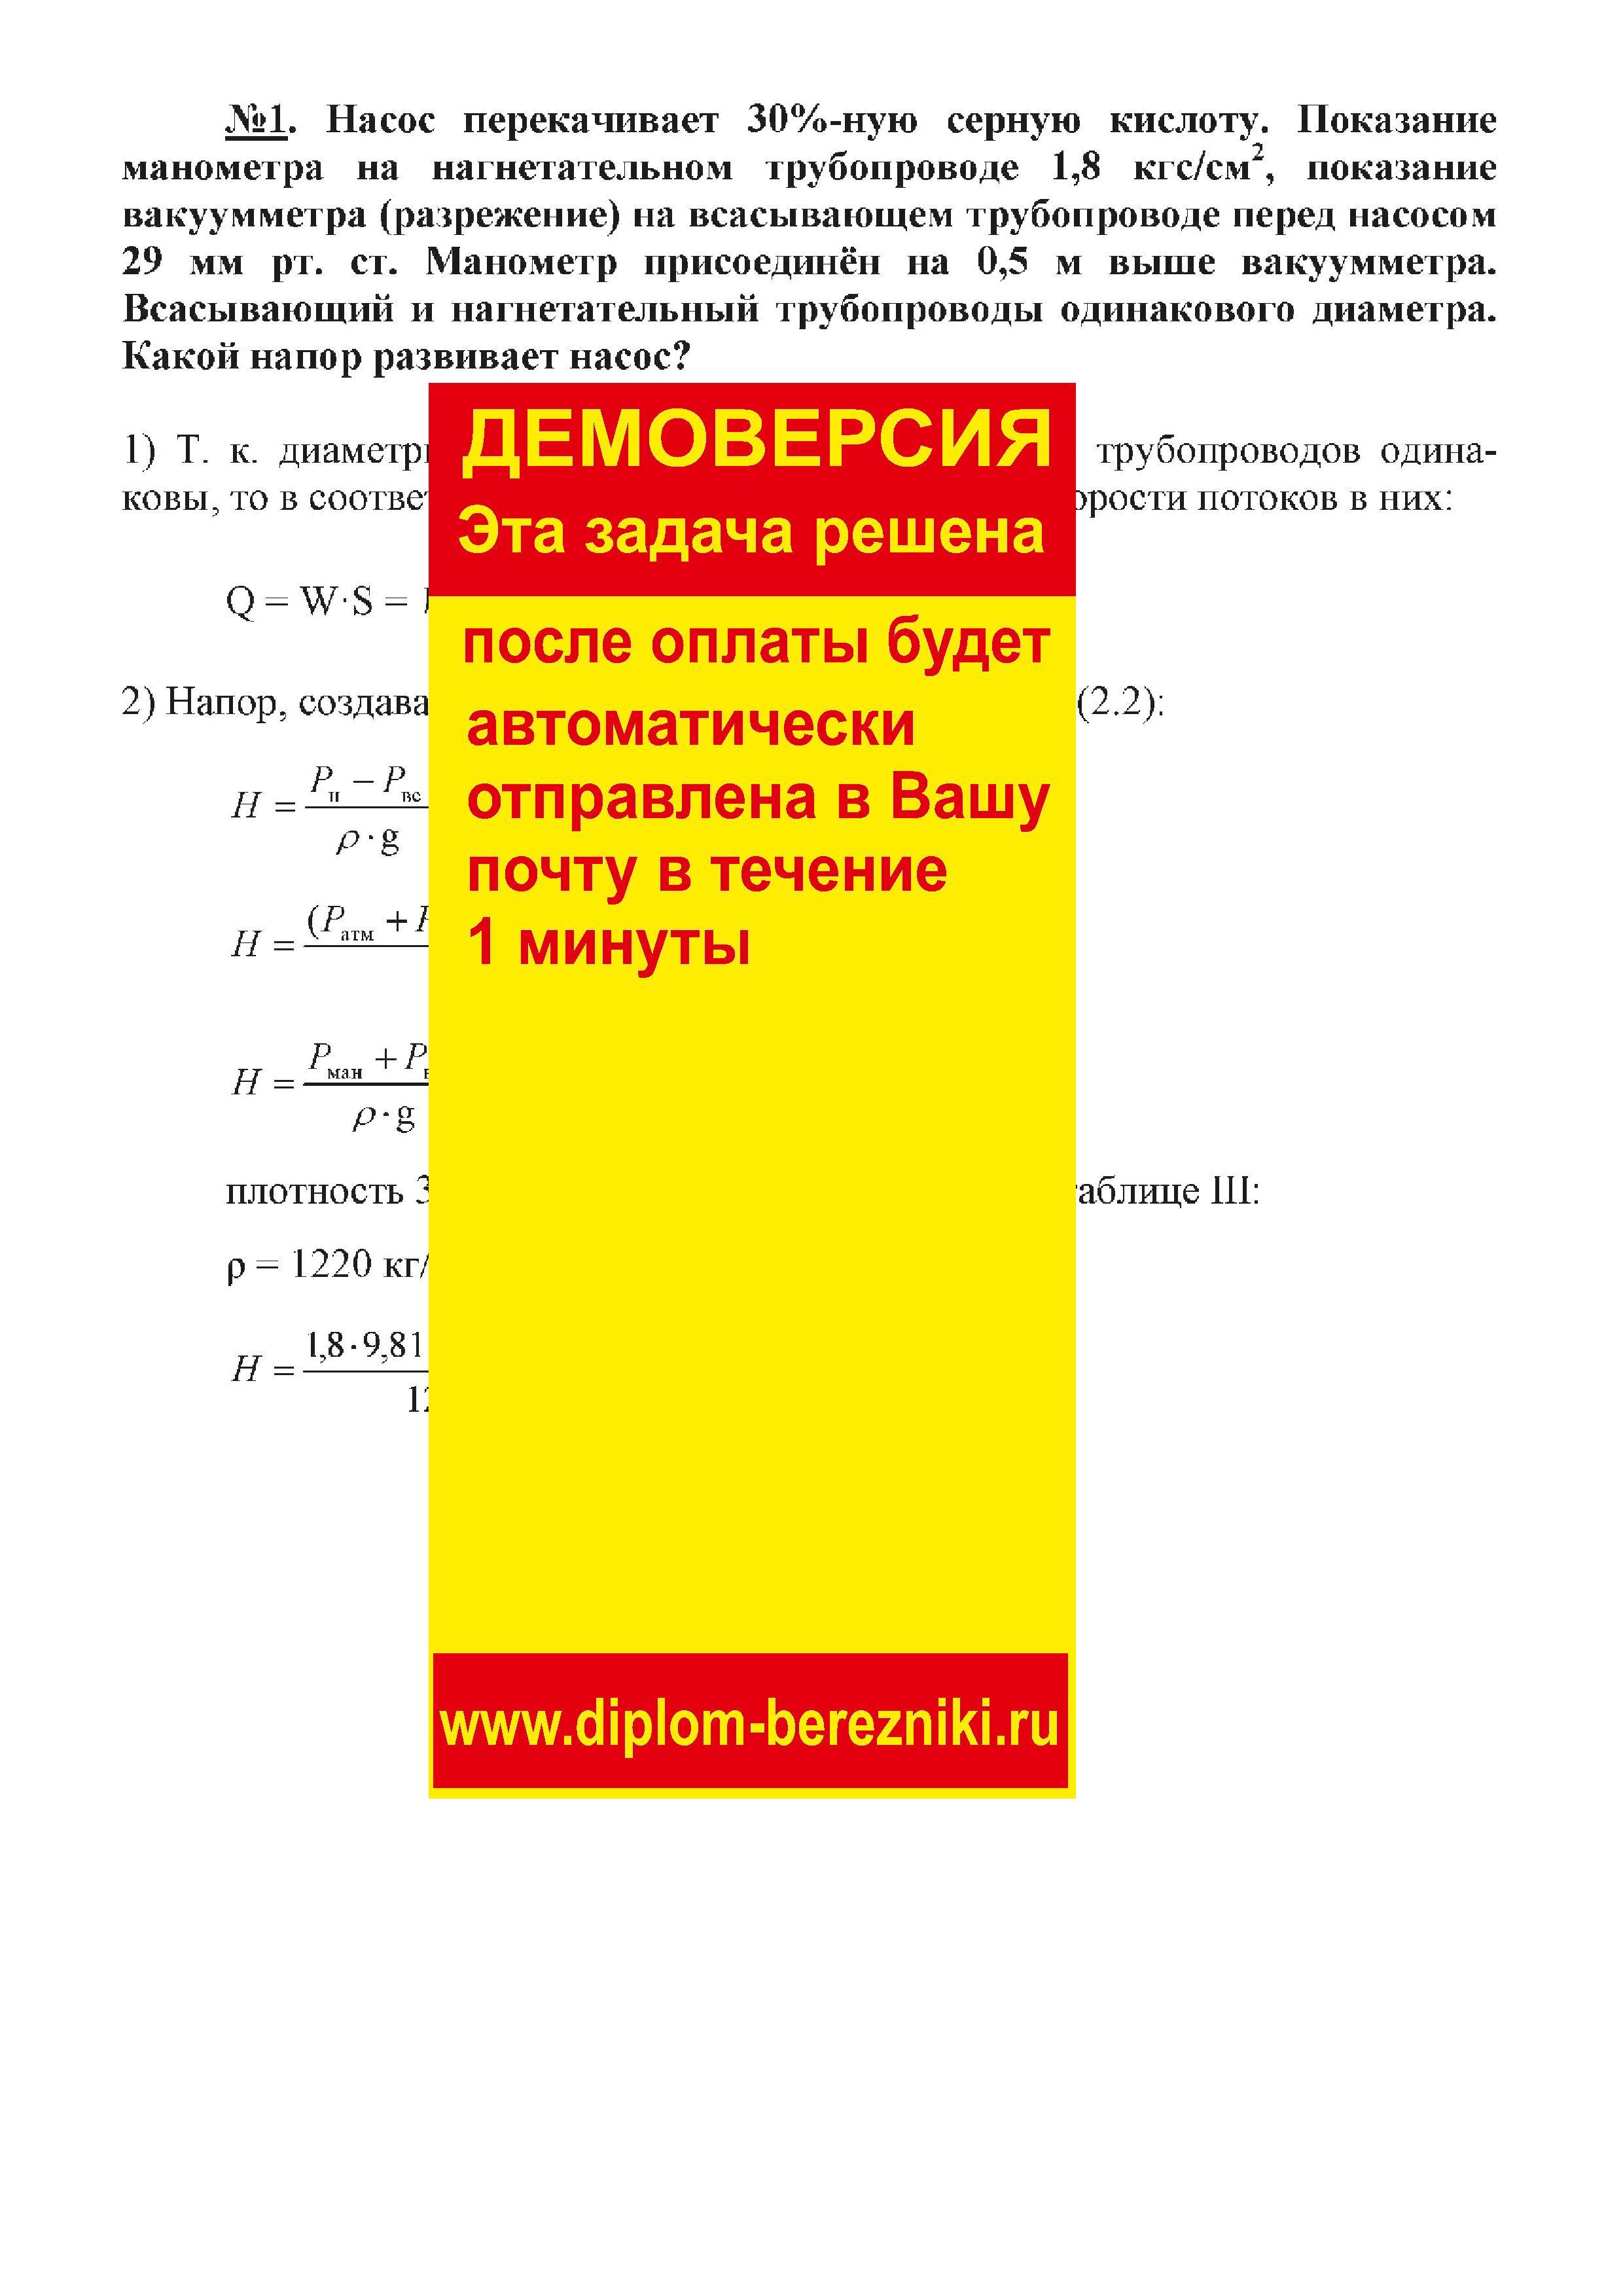 Решение задачи 2.1 по ПАХТ из задачника Павлова Романкова Носкова